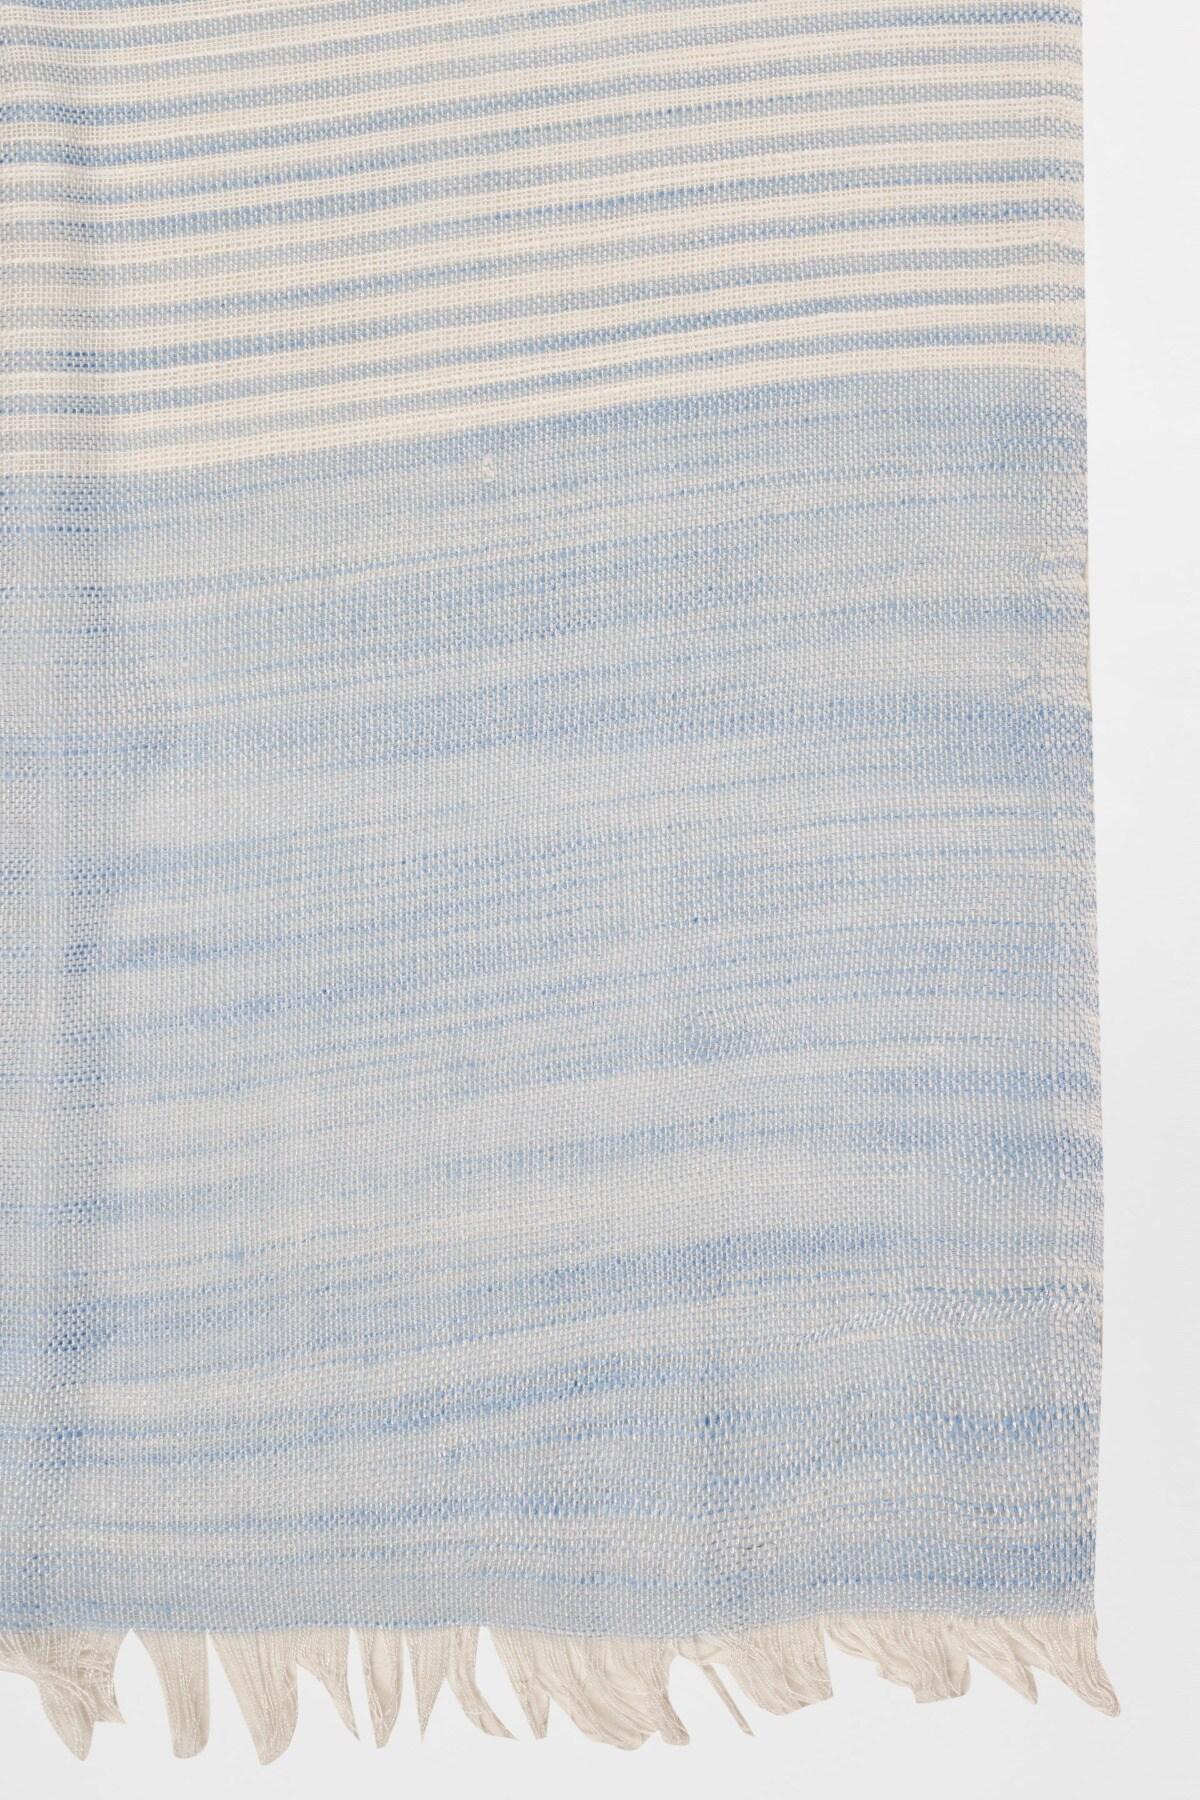 AND | Multi Color Self Design Cotton Casual Scarf